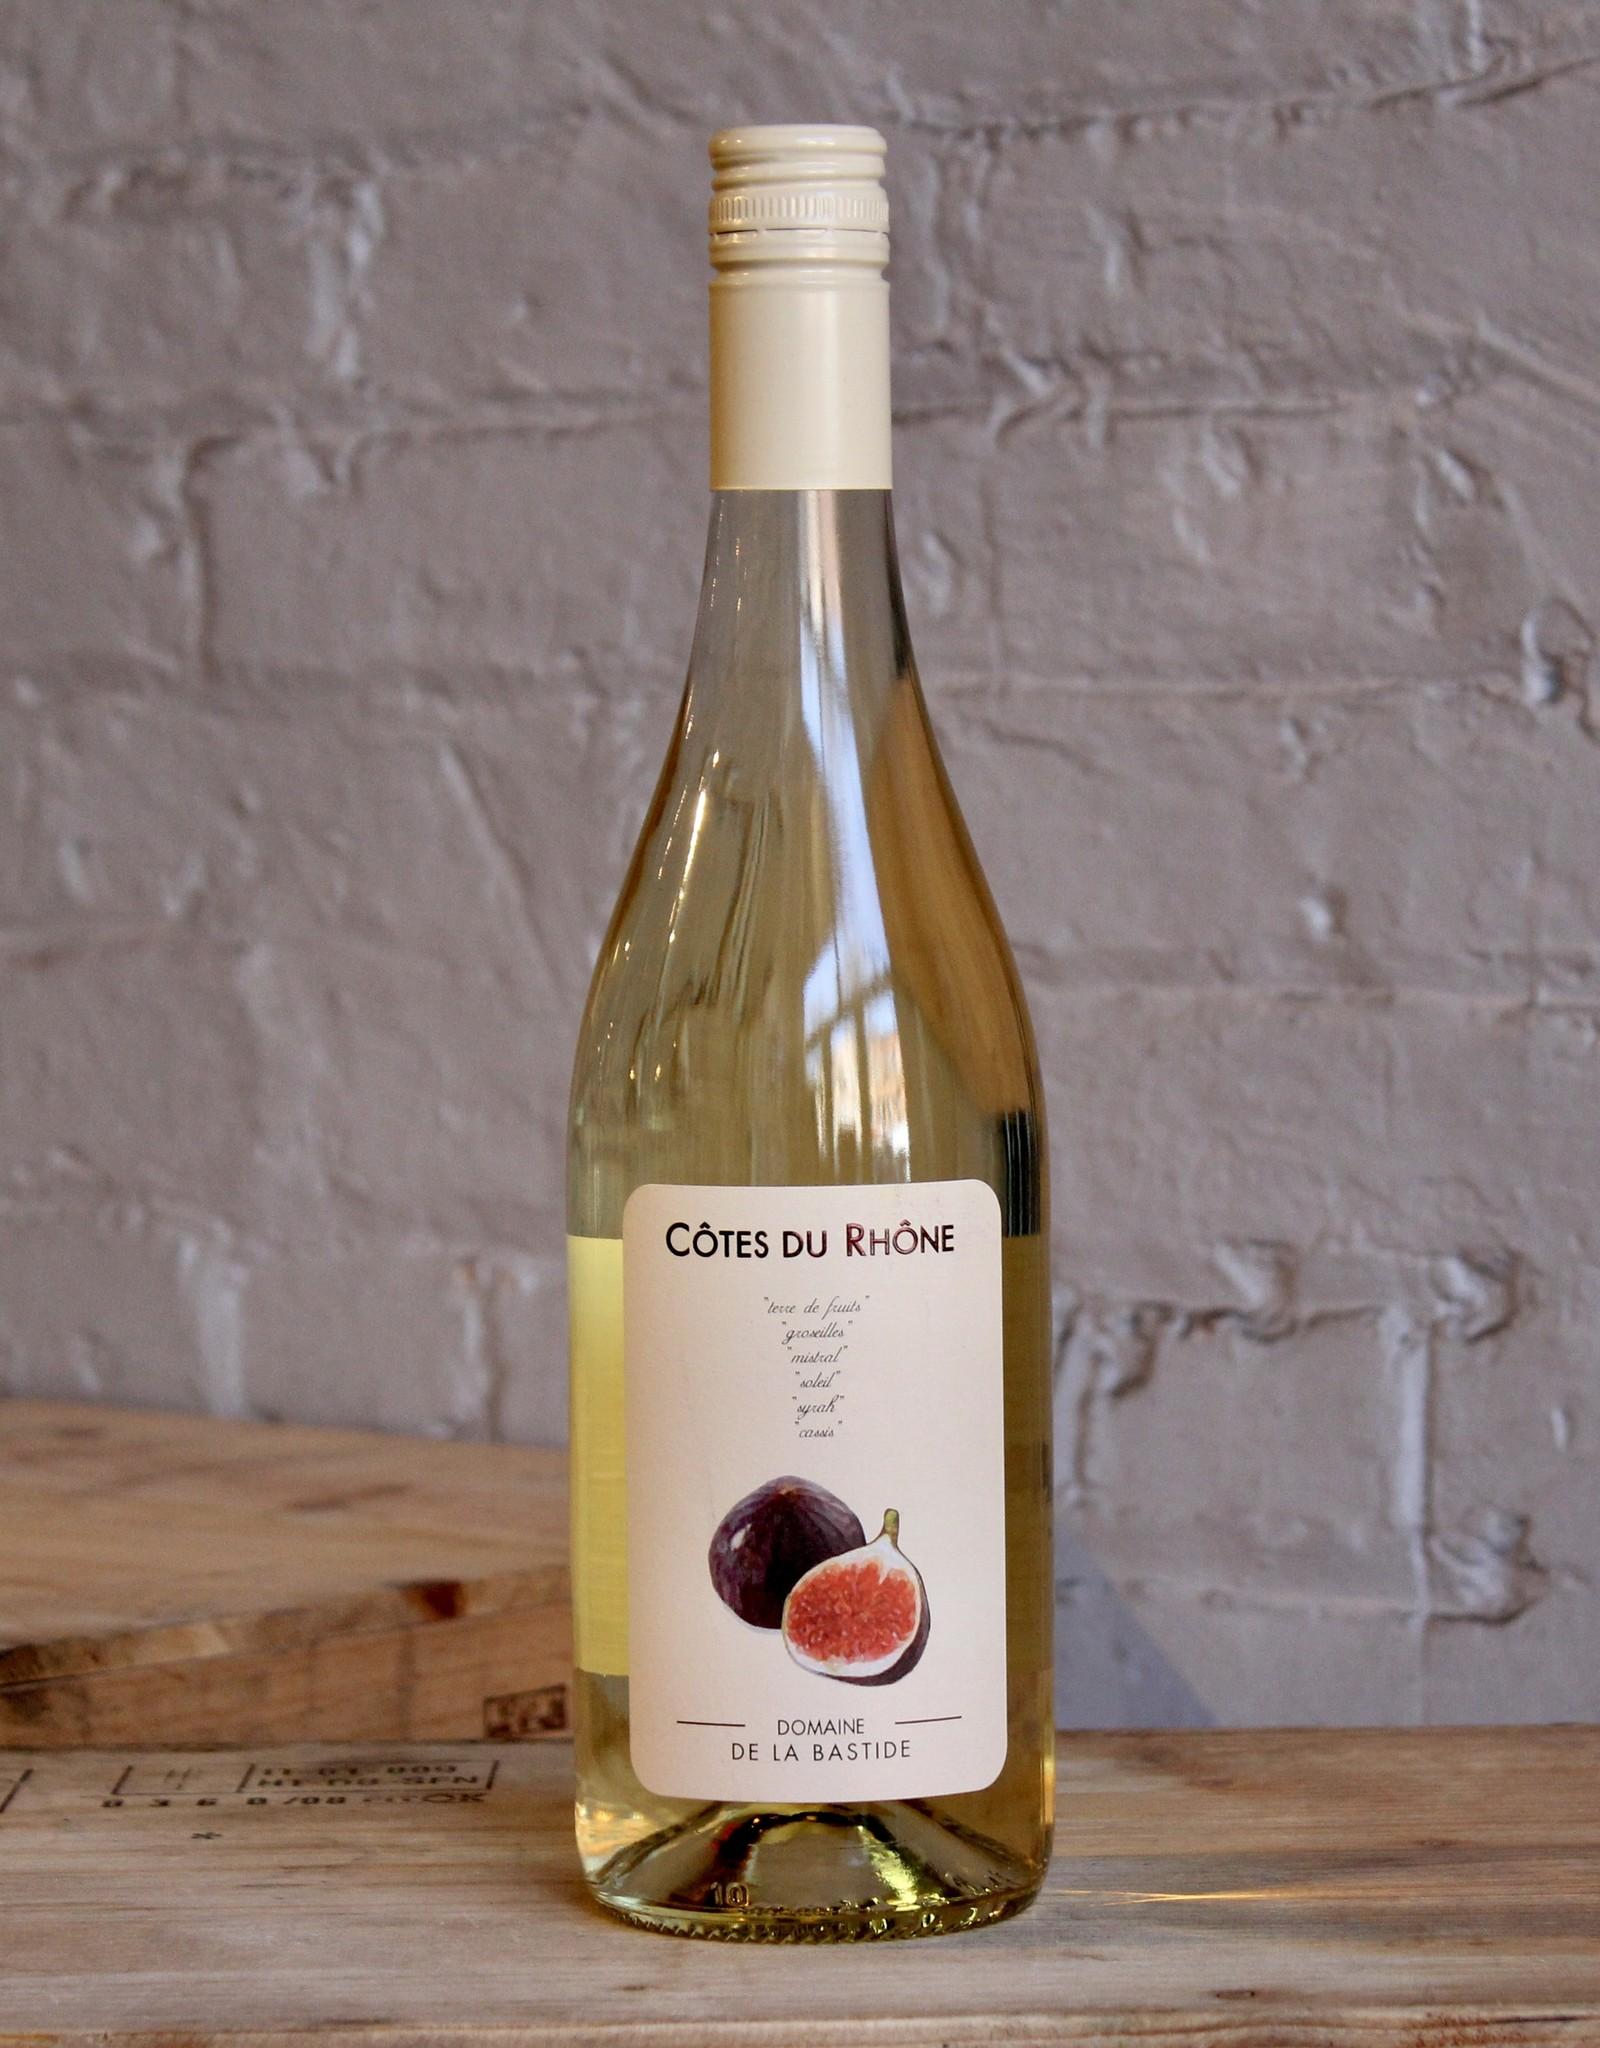 Wine 2020 Domaine de la Bastide 'Figue' Blanc - Cotes du Rhone, France (750ml)